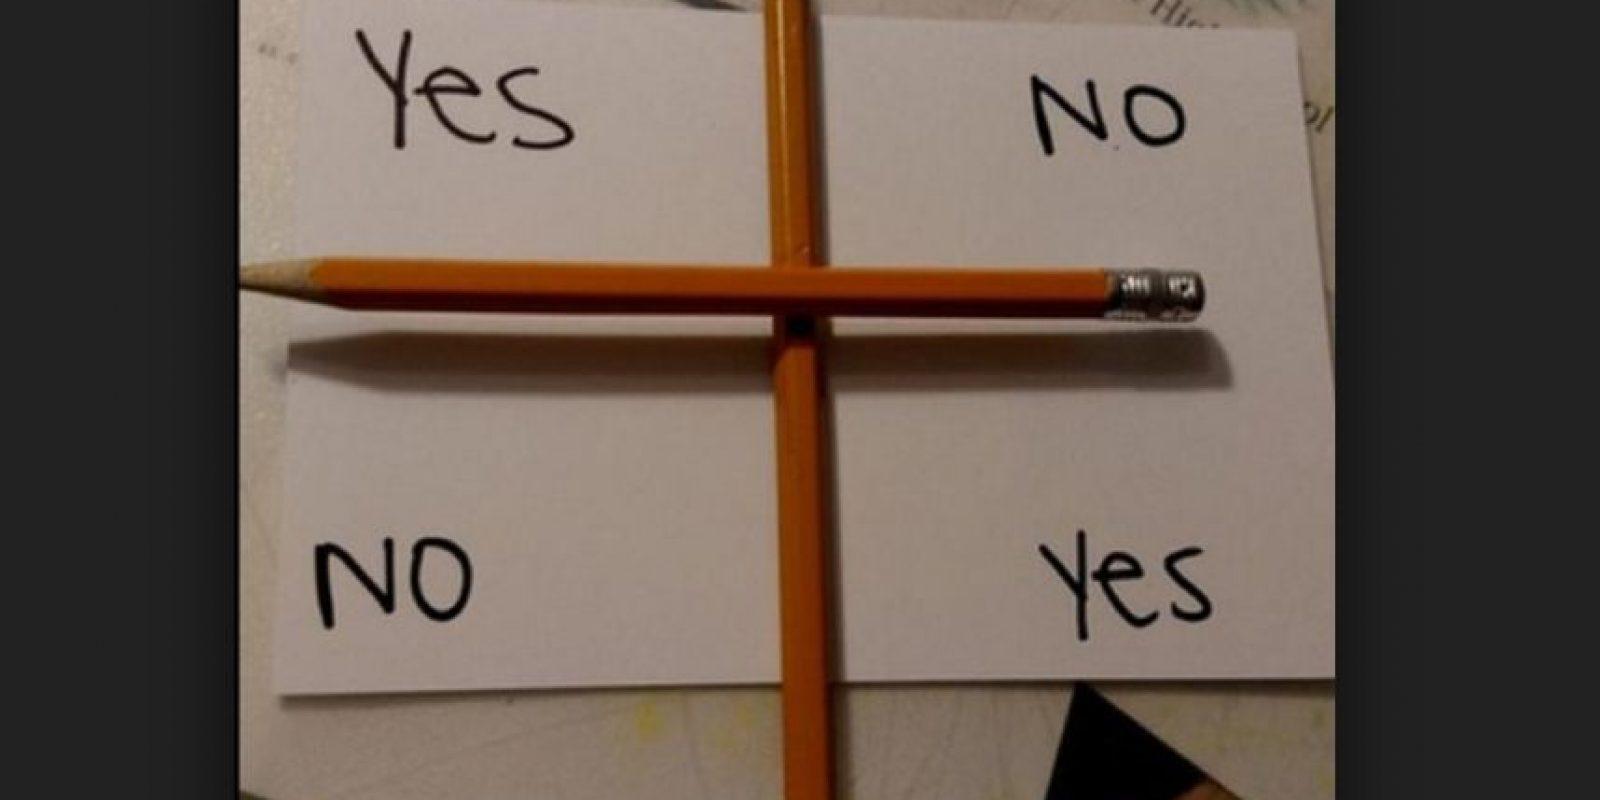 Entonces, el lápiz que está encima se movería, señalando la respuesta. En muchas ocasiones no se tenía éxito. Todo resultó ser estratagema publicitaria. Foto:Twitter